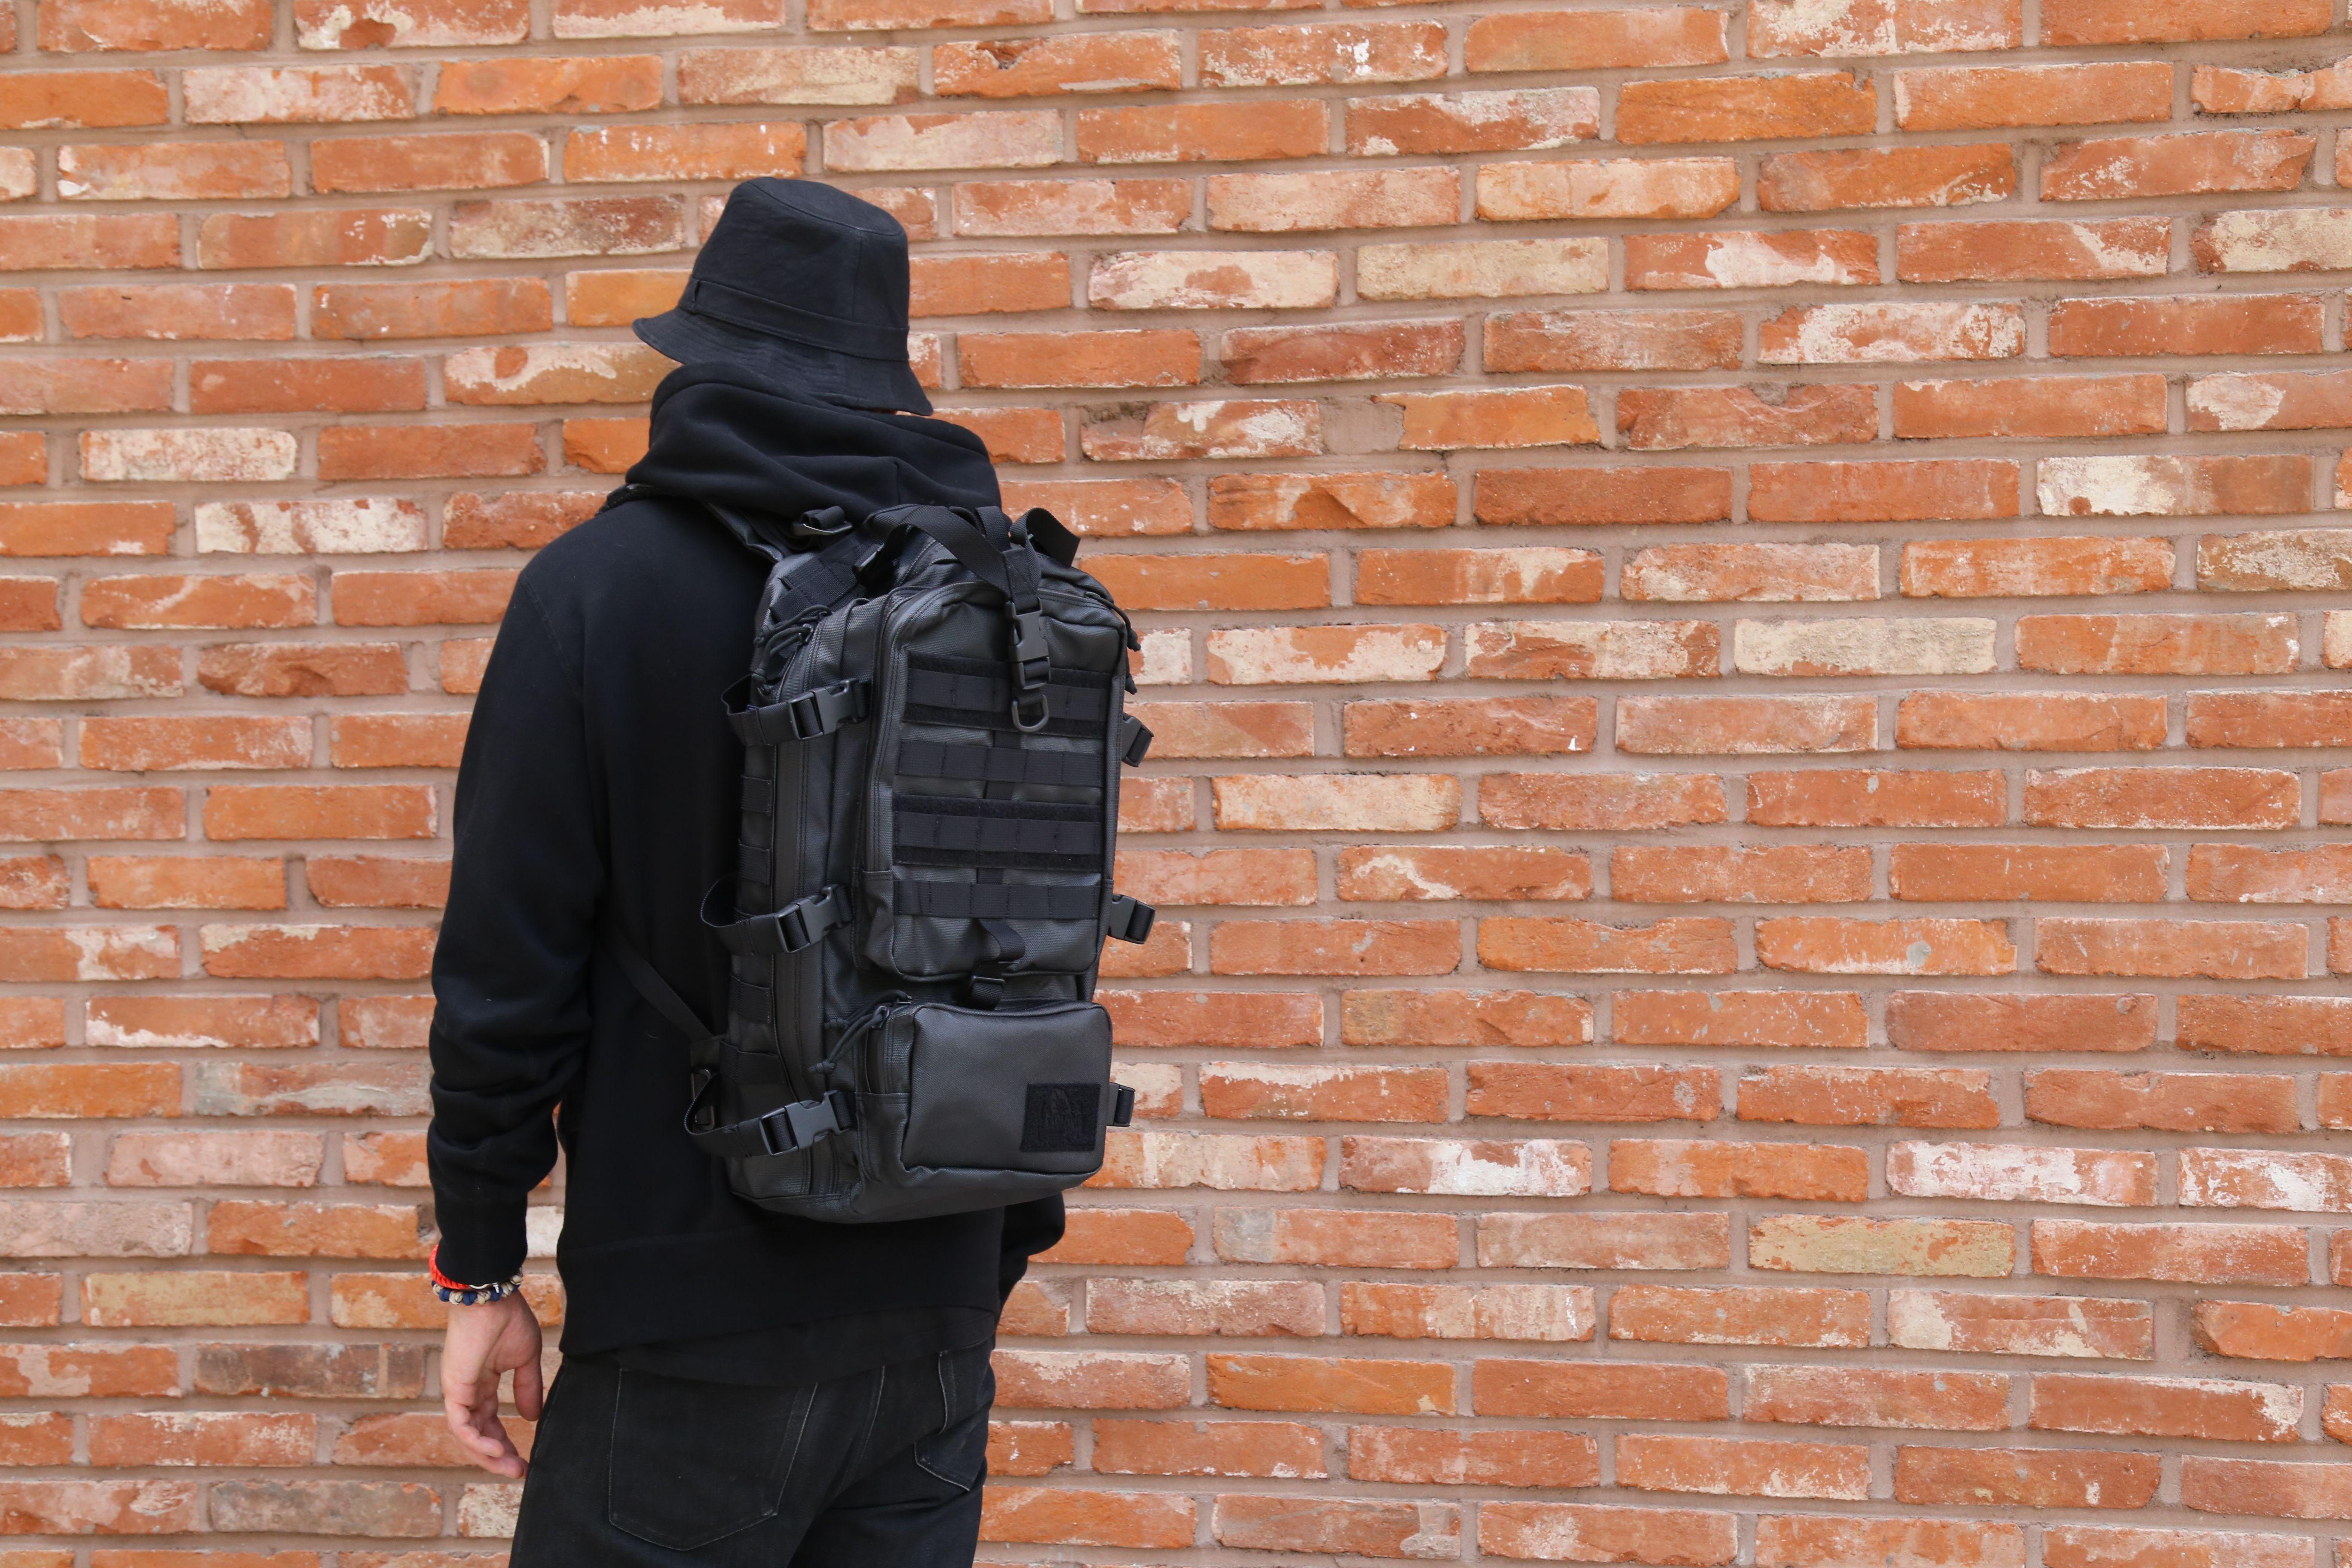 블랙라벨 백팩 중 가장 가벼운 무게를 자랑하는 이글입니다. 1200Danier와 YKK Water repellent Zipper를 사용하여 최적의 방수를 목적에 두고 있는 블랙라벨 시리즈를 지금 만나보세요.  http://www.magforcekorea.com     #맥포스코리아 #맥포스 #블랙라벨 #이글 #백팩 #magforcekorea #magforce #blacklabel #eagle #backpack #bag